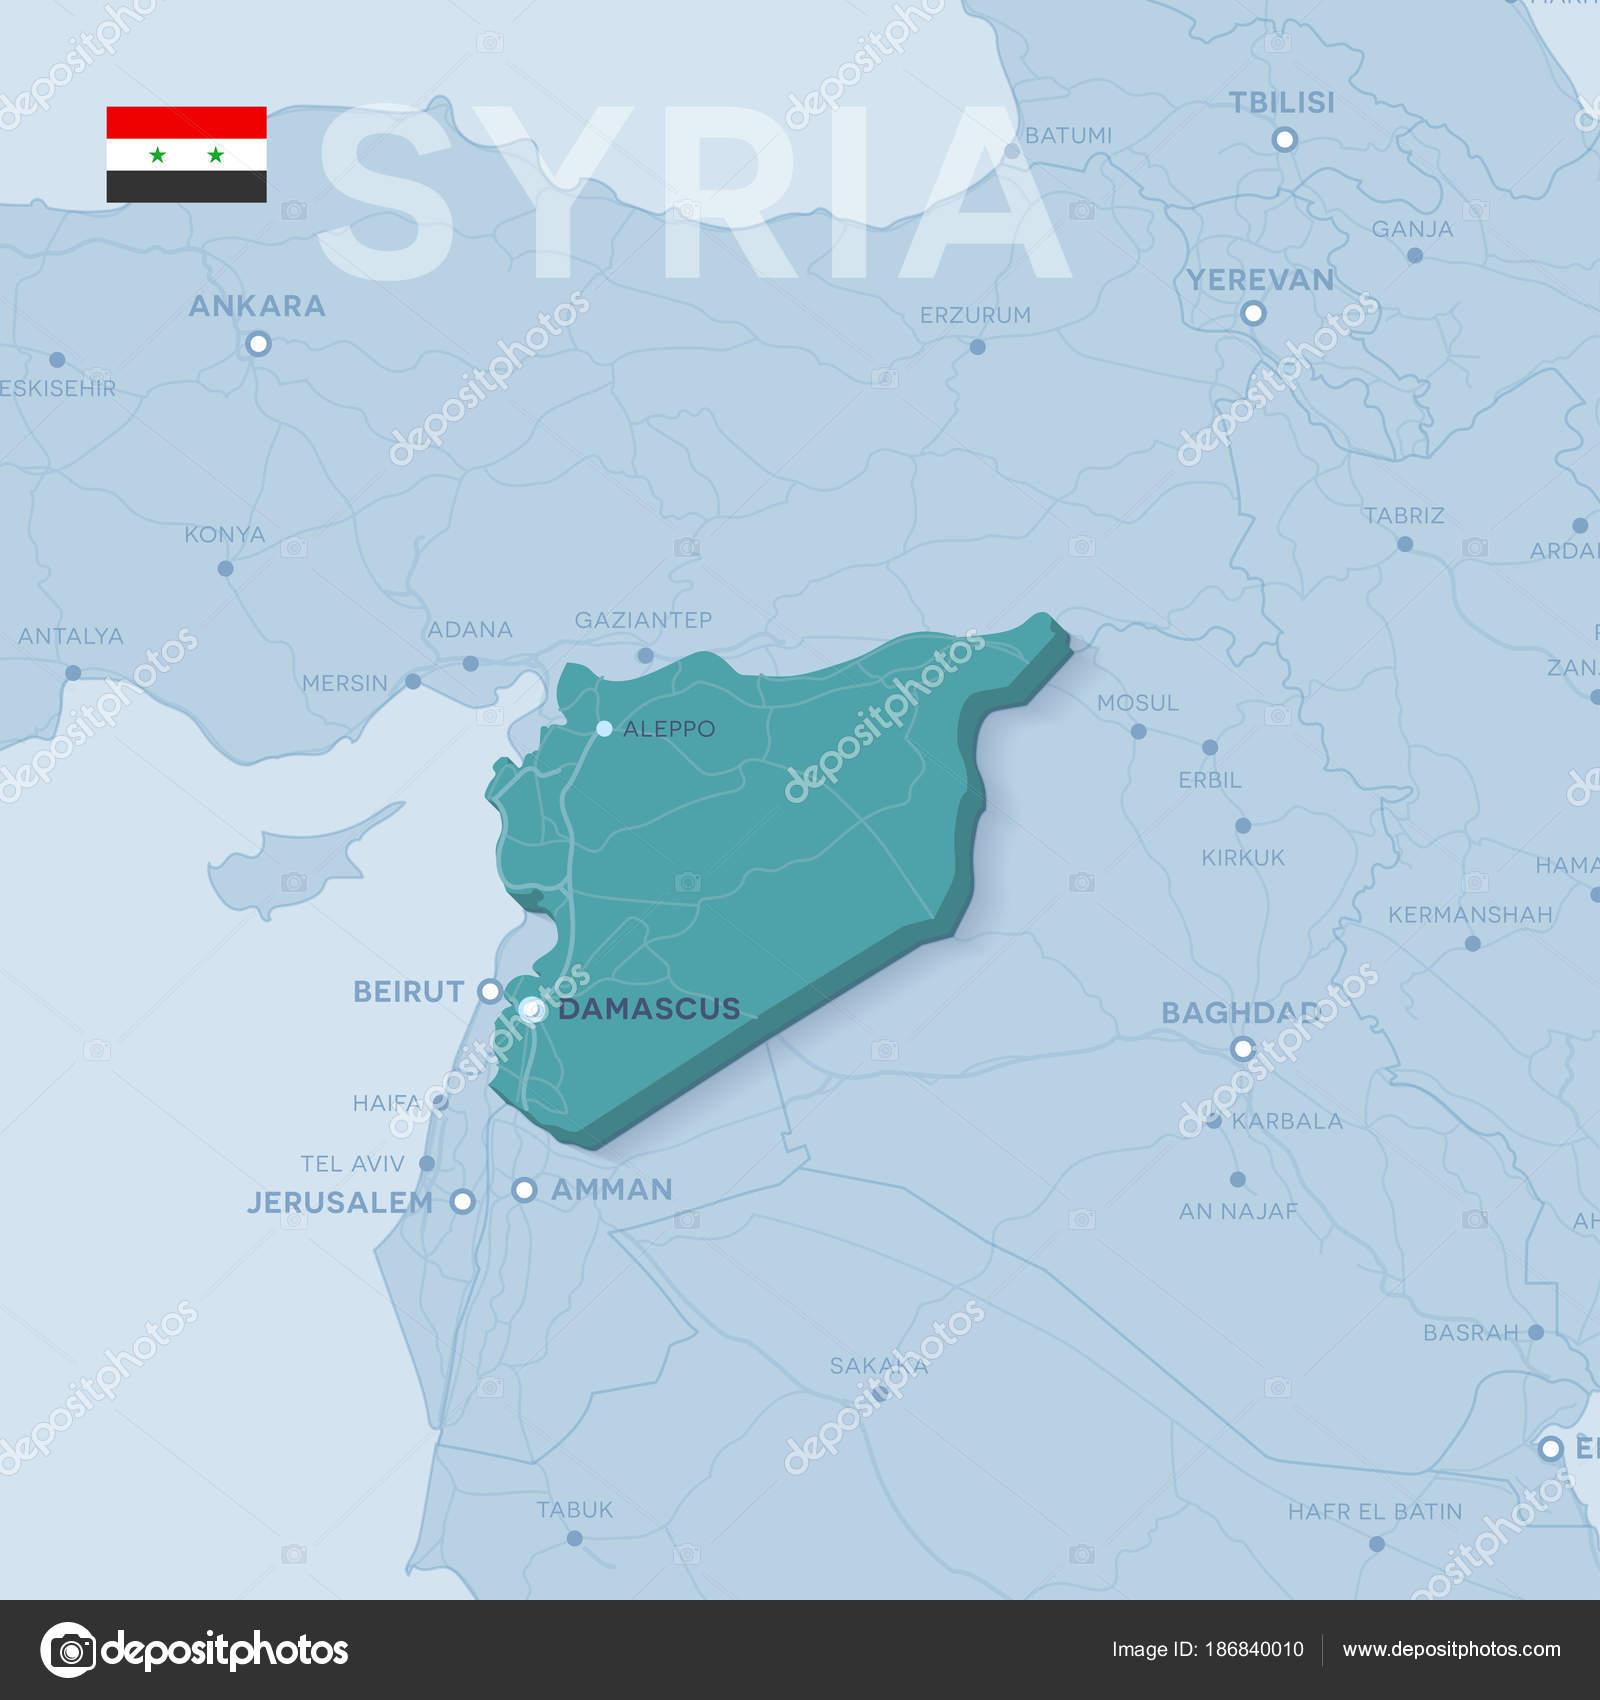 Syrien Karte Mit Städten.Verctor Karte Von Städten Und Straßen In Syrien Stockvektor